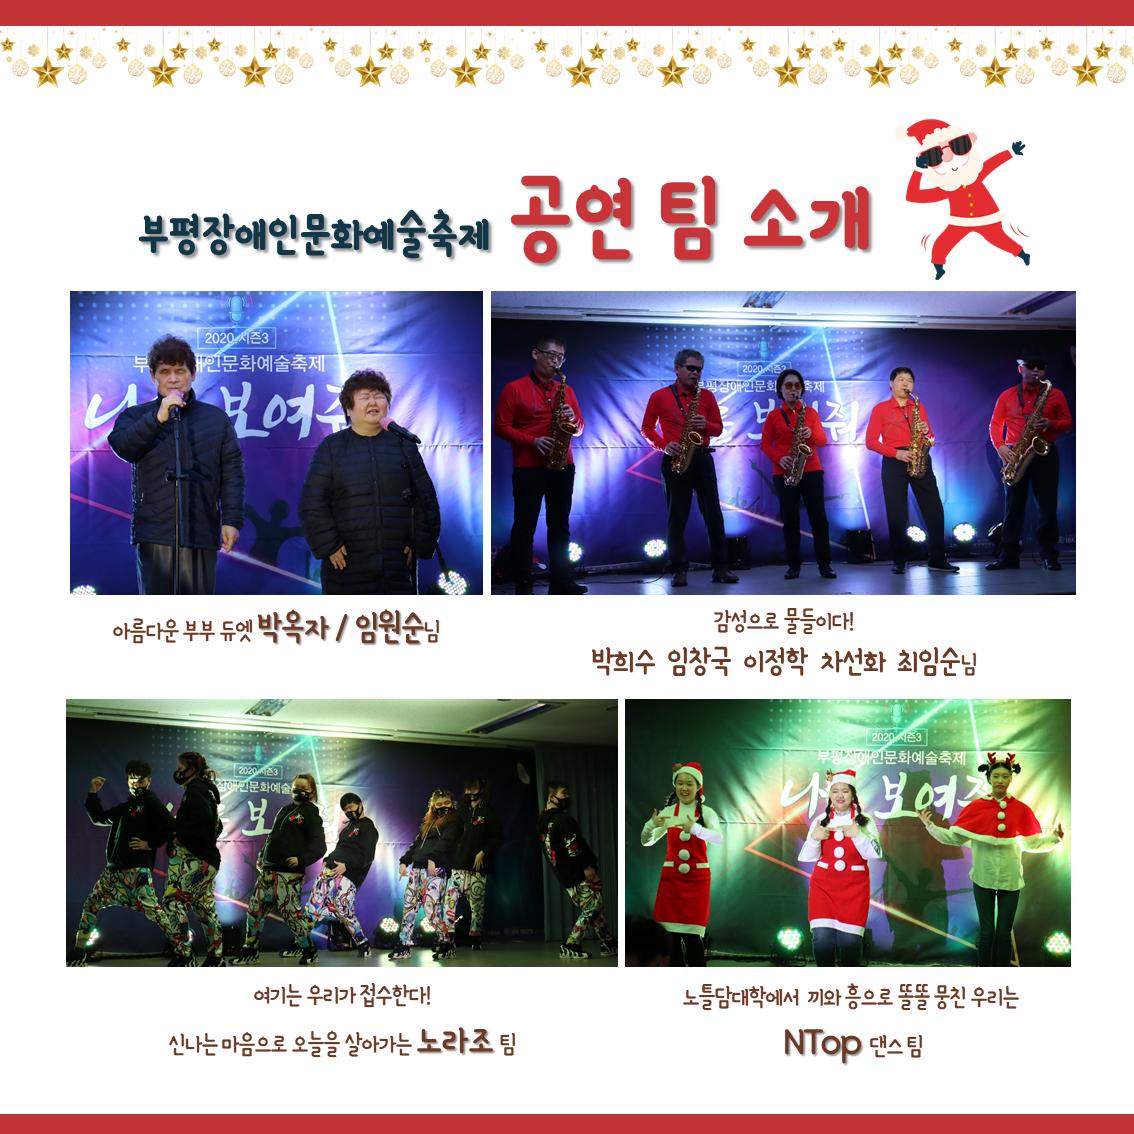 부평장애인문화예술축제 공연 팀 소개 박옥자 임원순님, 시각장애인 색소폰 동아리, 노라조팀, NTop 팀